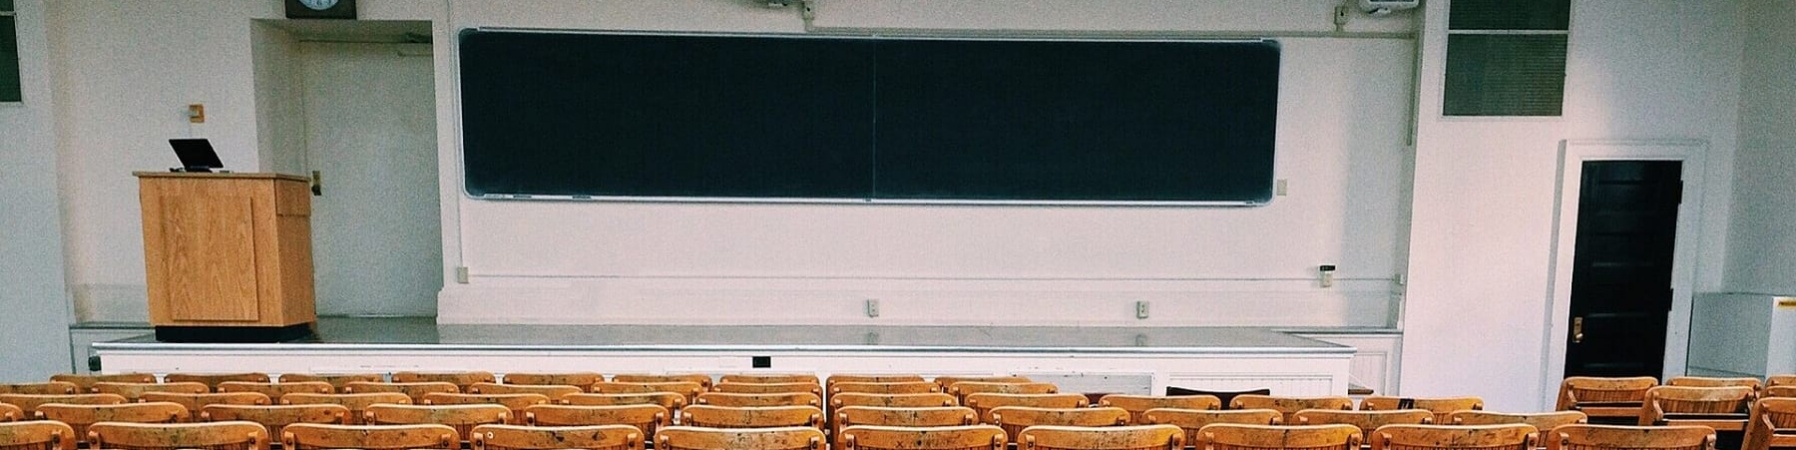 Aula universitaria vuota con sedie di legno pieghevoli, lavagna e leggio su un rialzo.